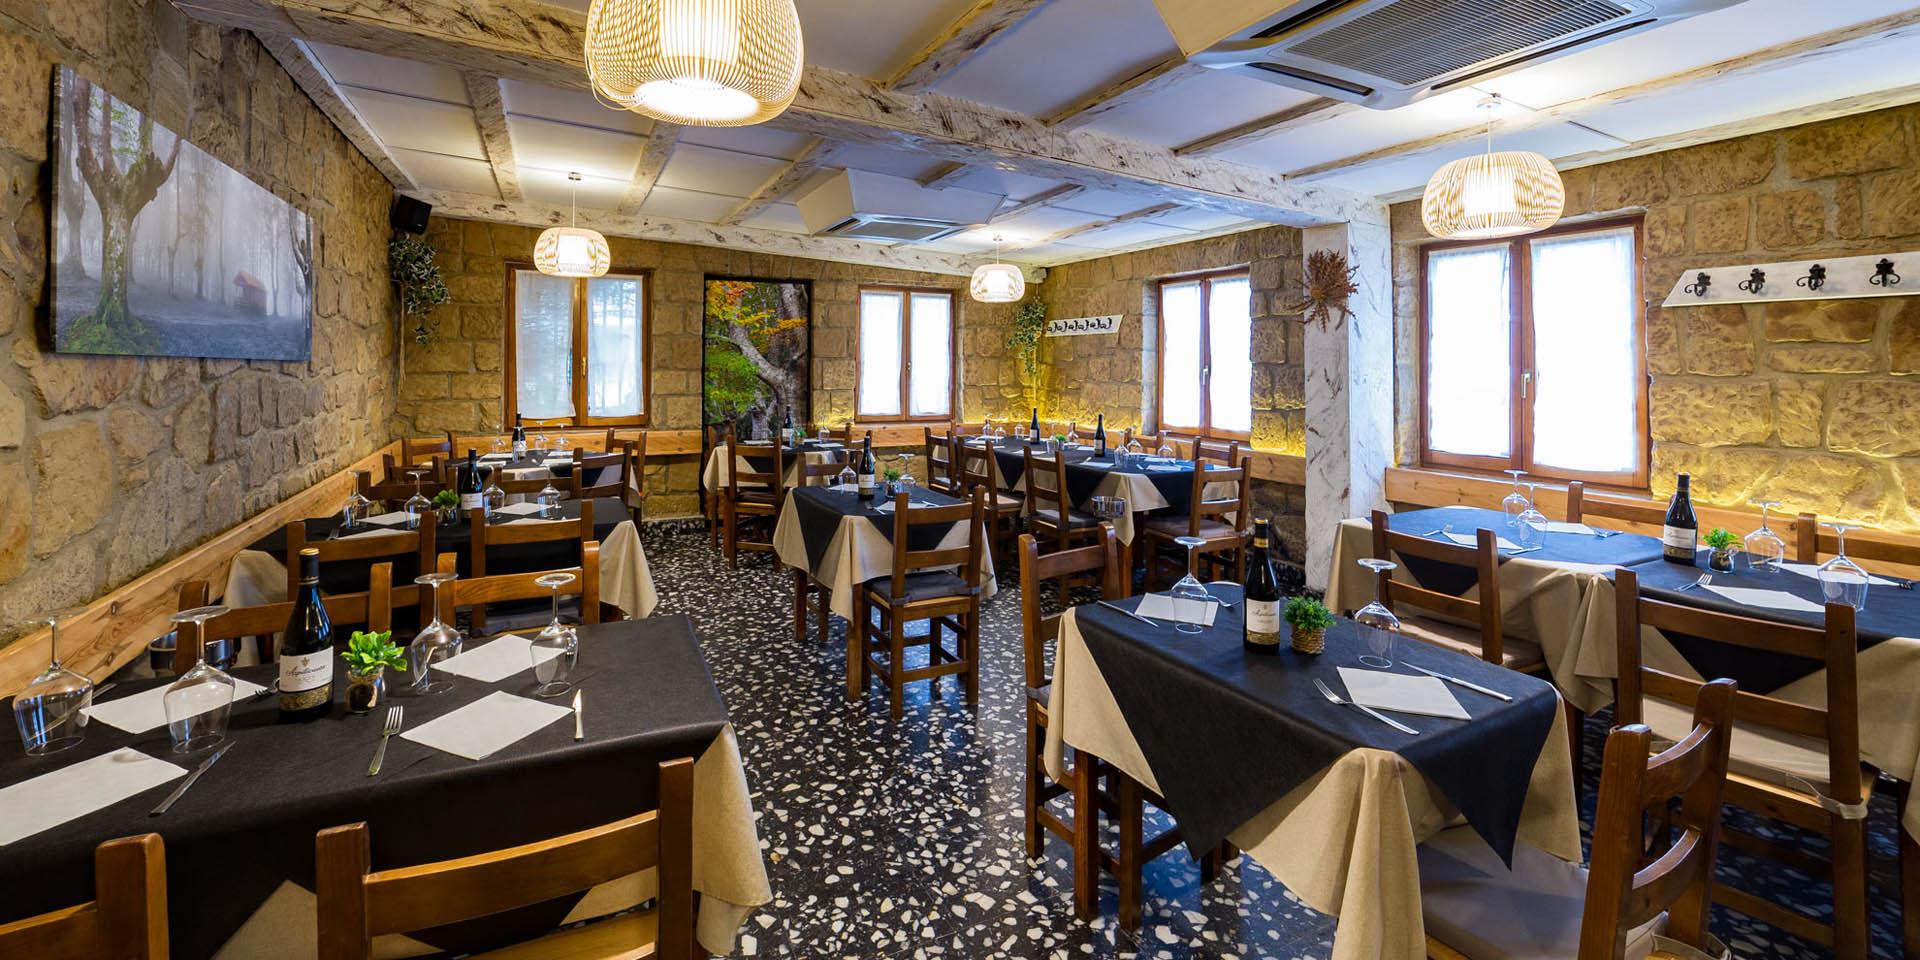 180713 Restaurante Etxe-Nagusi Igeldo08